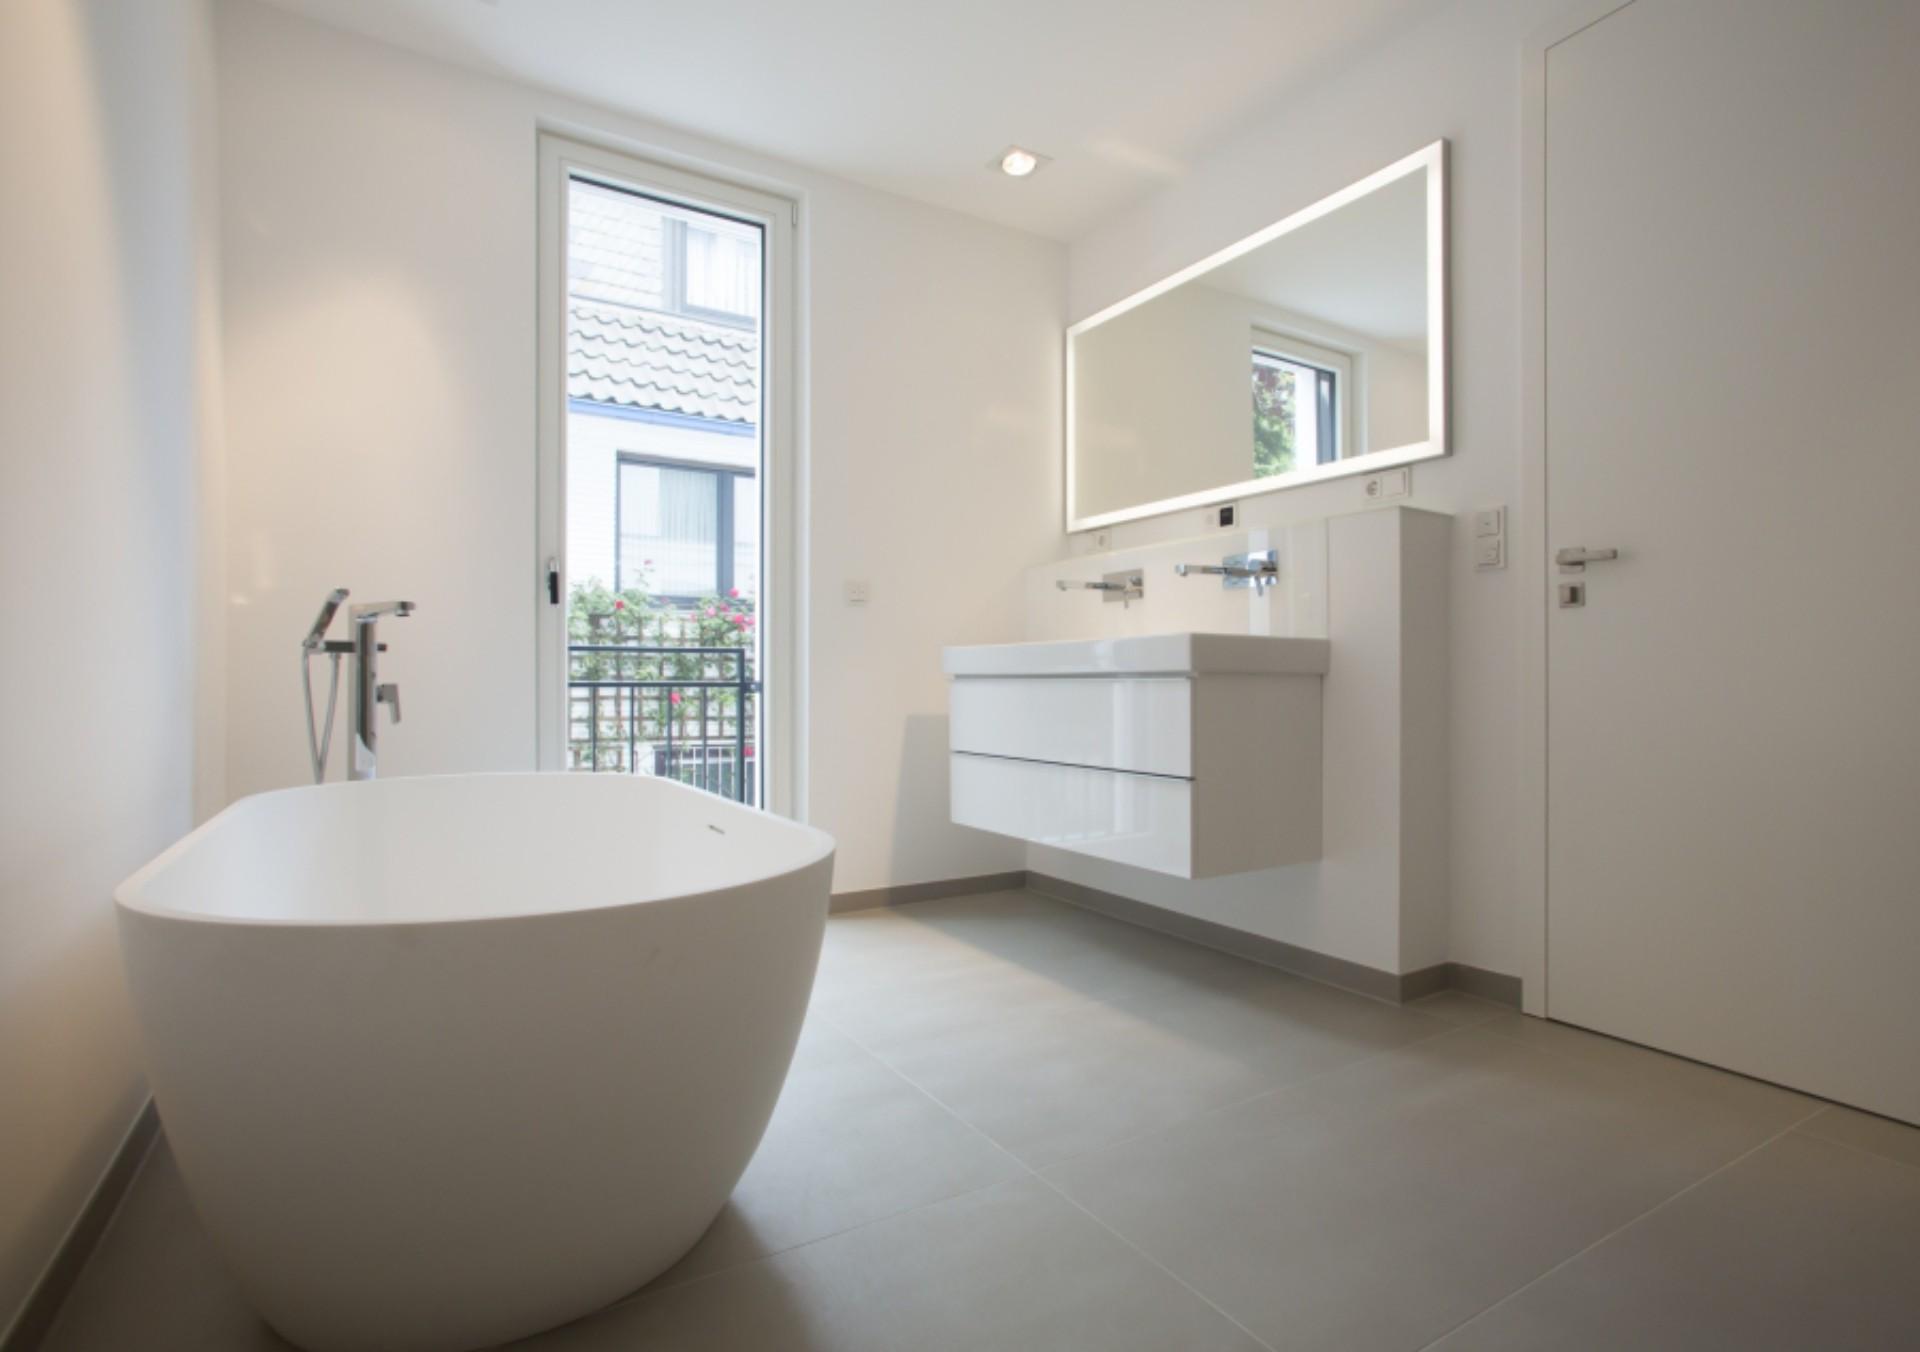 Bad sanieren Bremen: Wellnessoase in den eigenen vier Wänden -